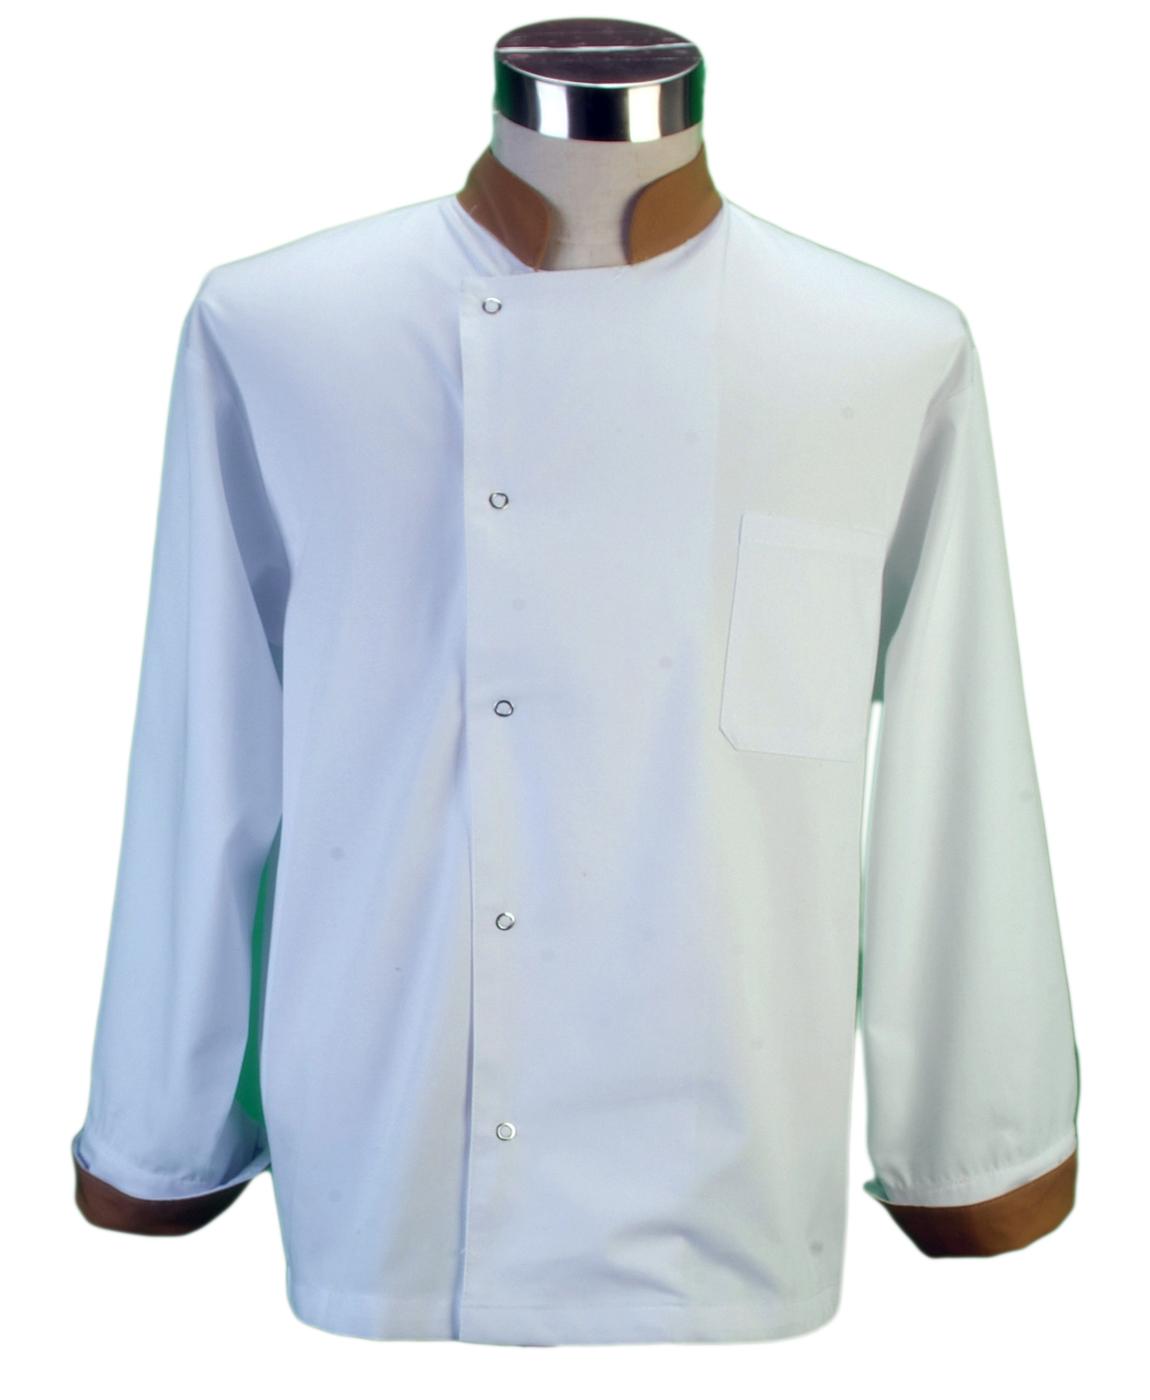 Ampliar Imagen: Chaqueta Cocinero Unisex 2 Tonos - MORU®